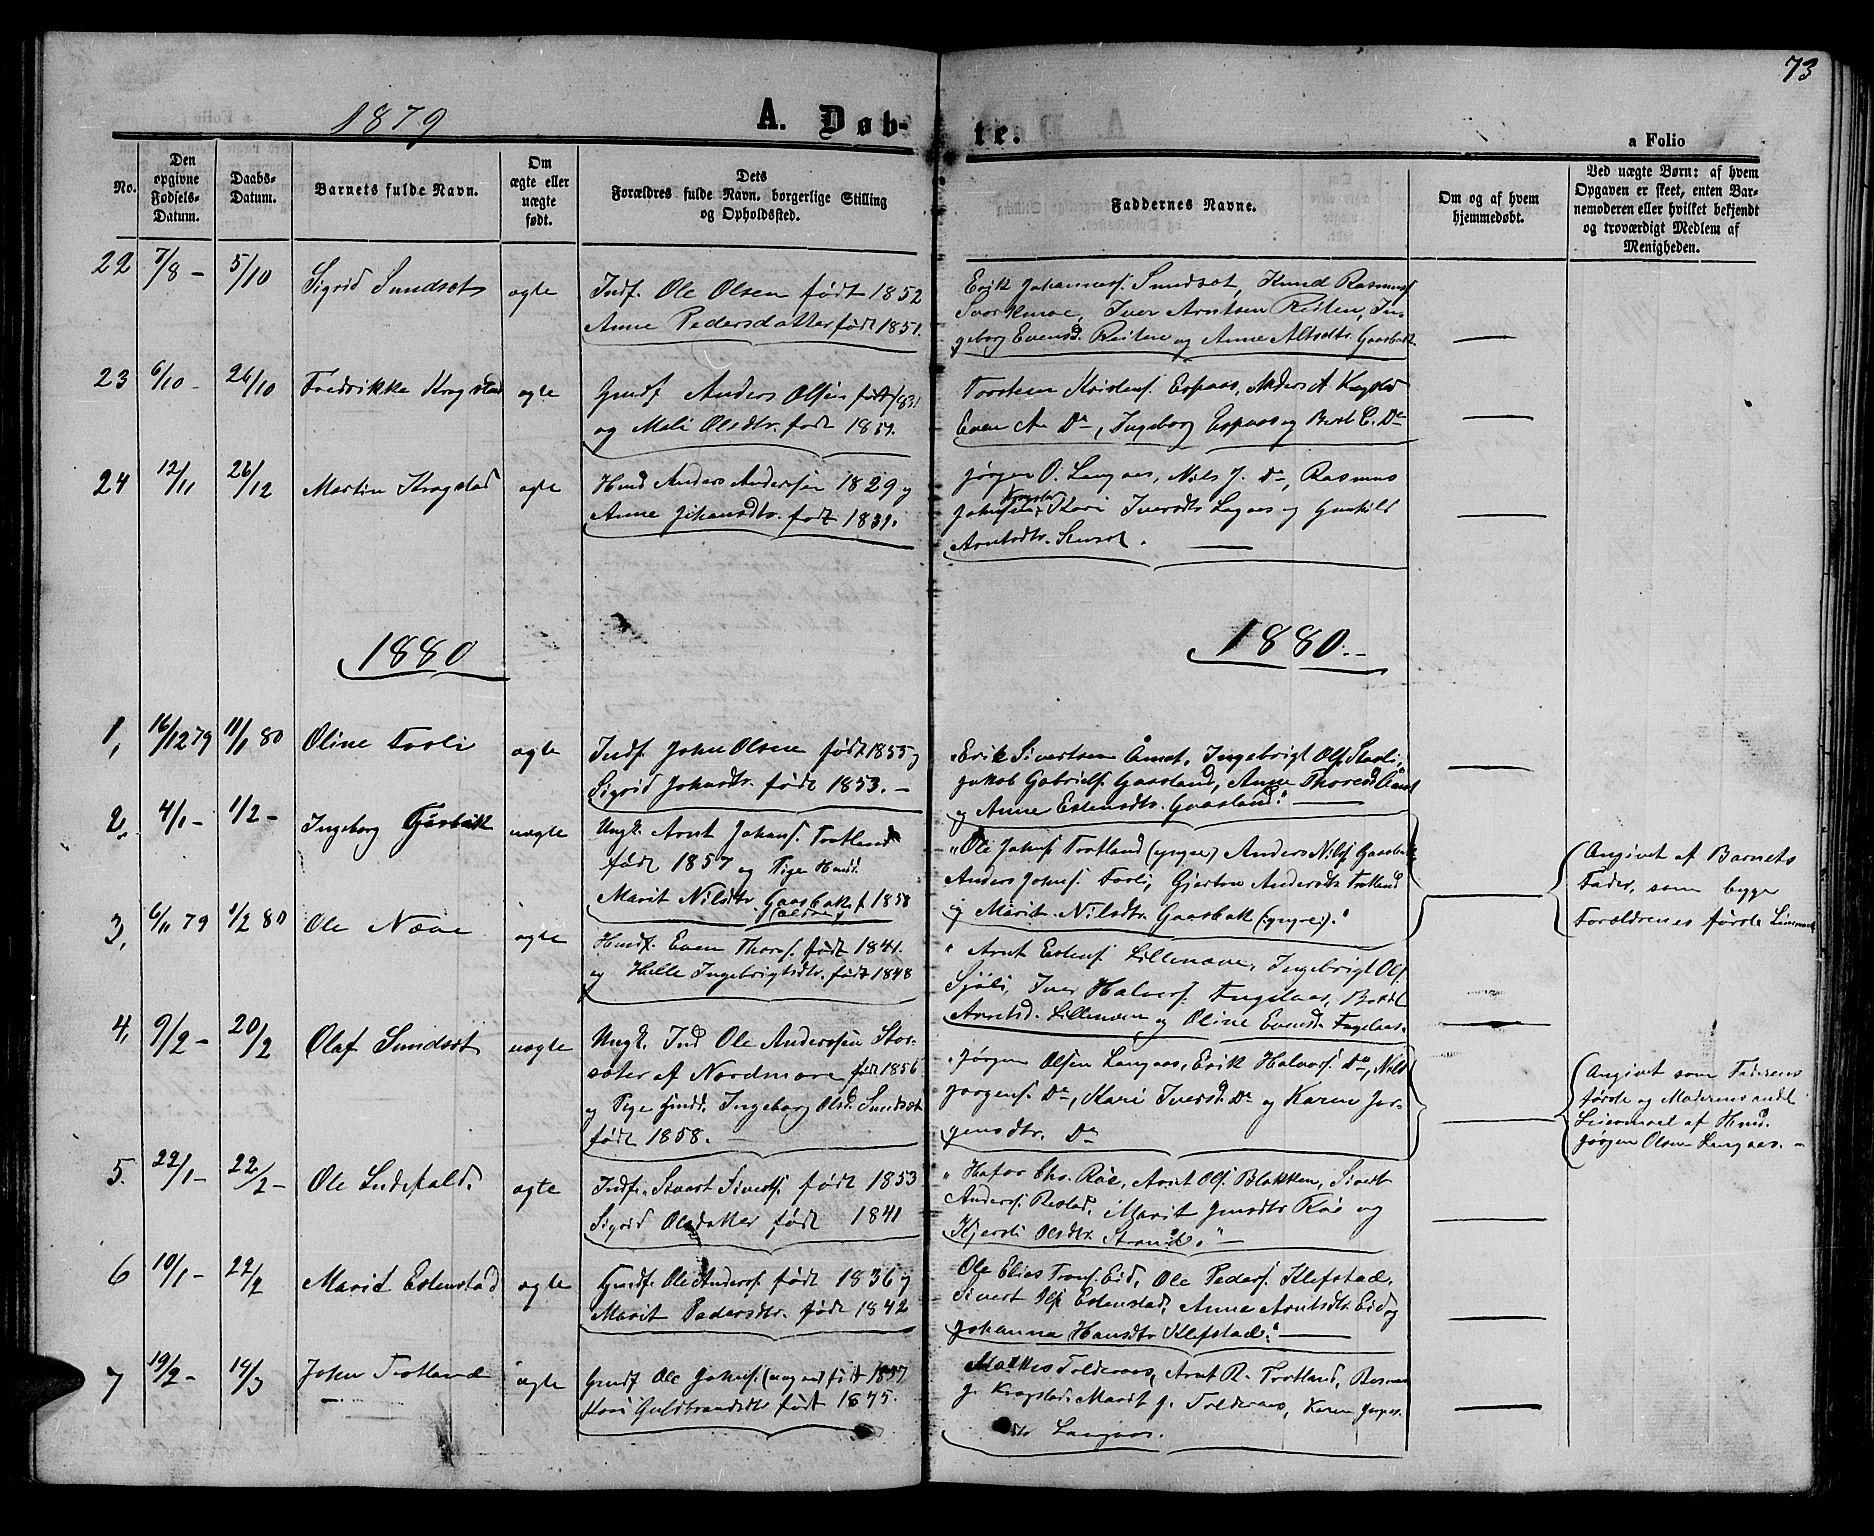 SAT, Ministerialprotokoller, klokkerbøker og fødselsregistre - Sør-Trøndelag, 694/L1131: Klokkerbok nr. 694C03, 1858-1886, s. 73